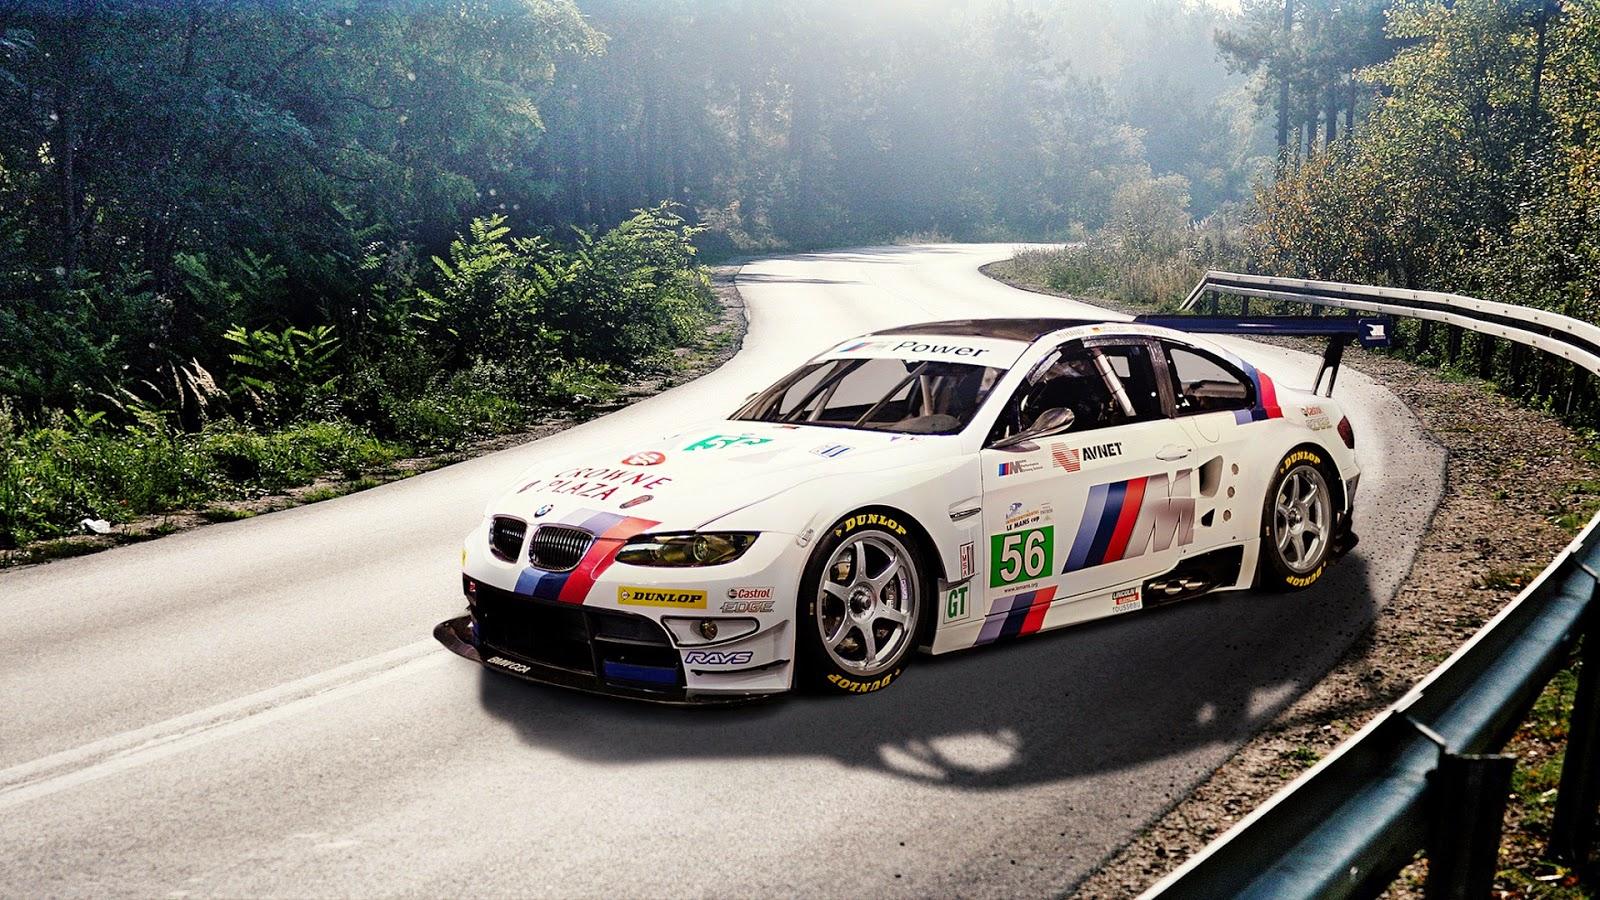 Wallpaper Mobil Sport Keren Hd: Gambar Mobil Balap, Mobil Sport, Dan Mobil Mewah Yang